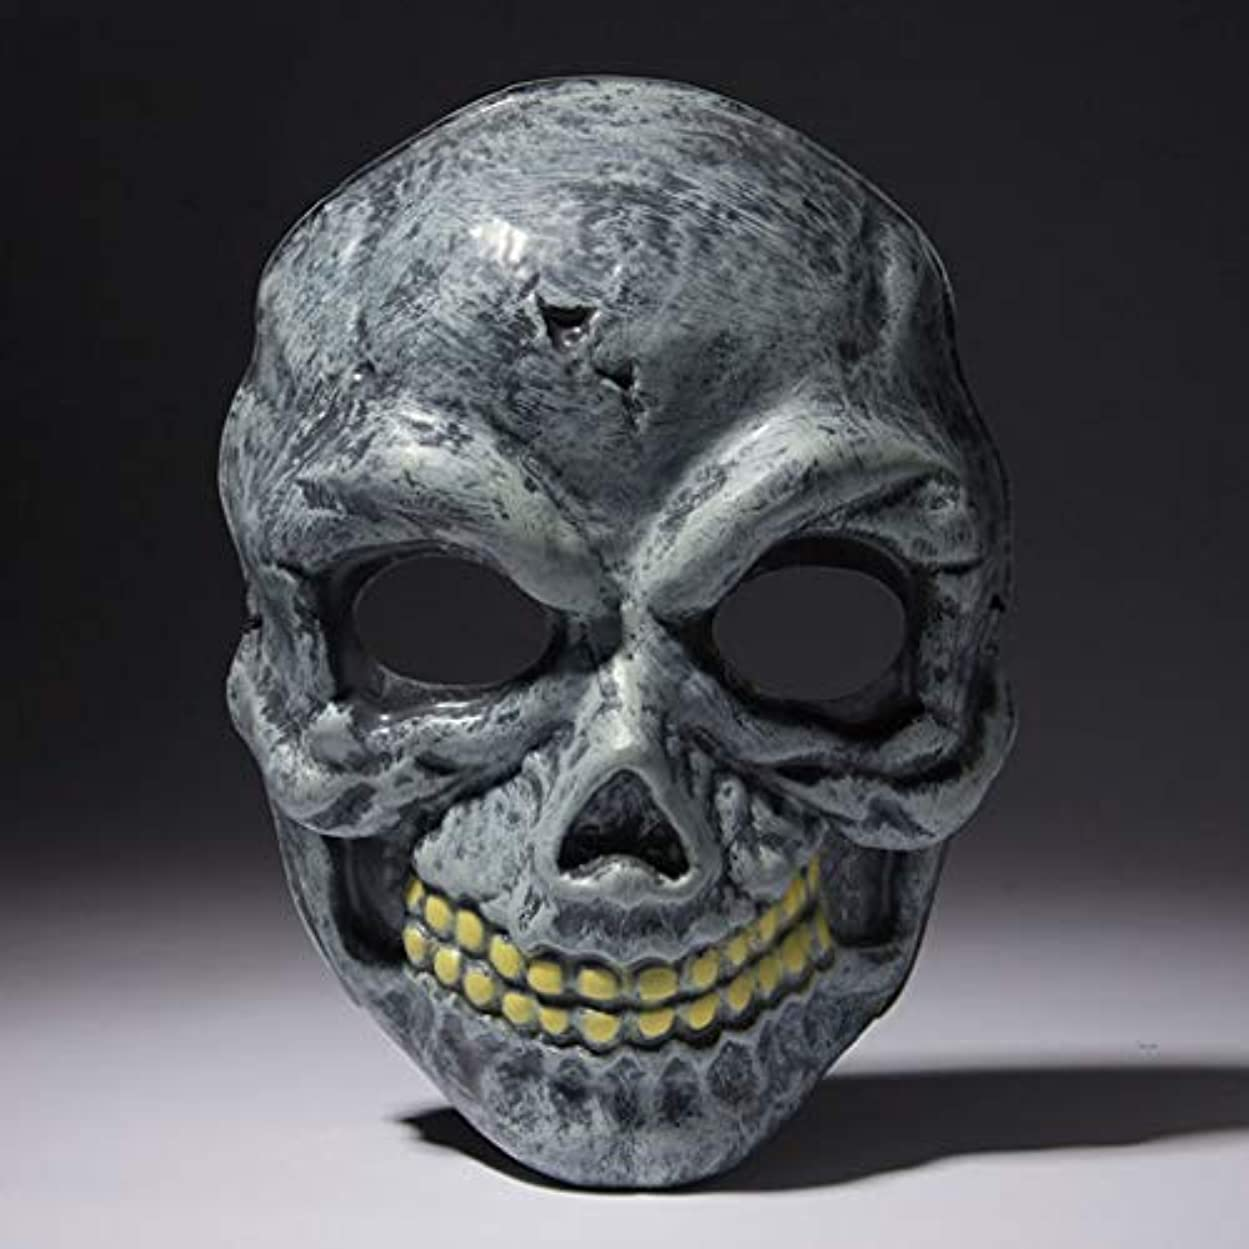 乏しい困った死ハロウィーン悲鳴悪魔ホラーマスクしかめっ面怖いゾンビヘッドギア大人ゴーストフェスティバルボールマスク